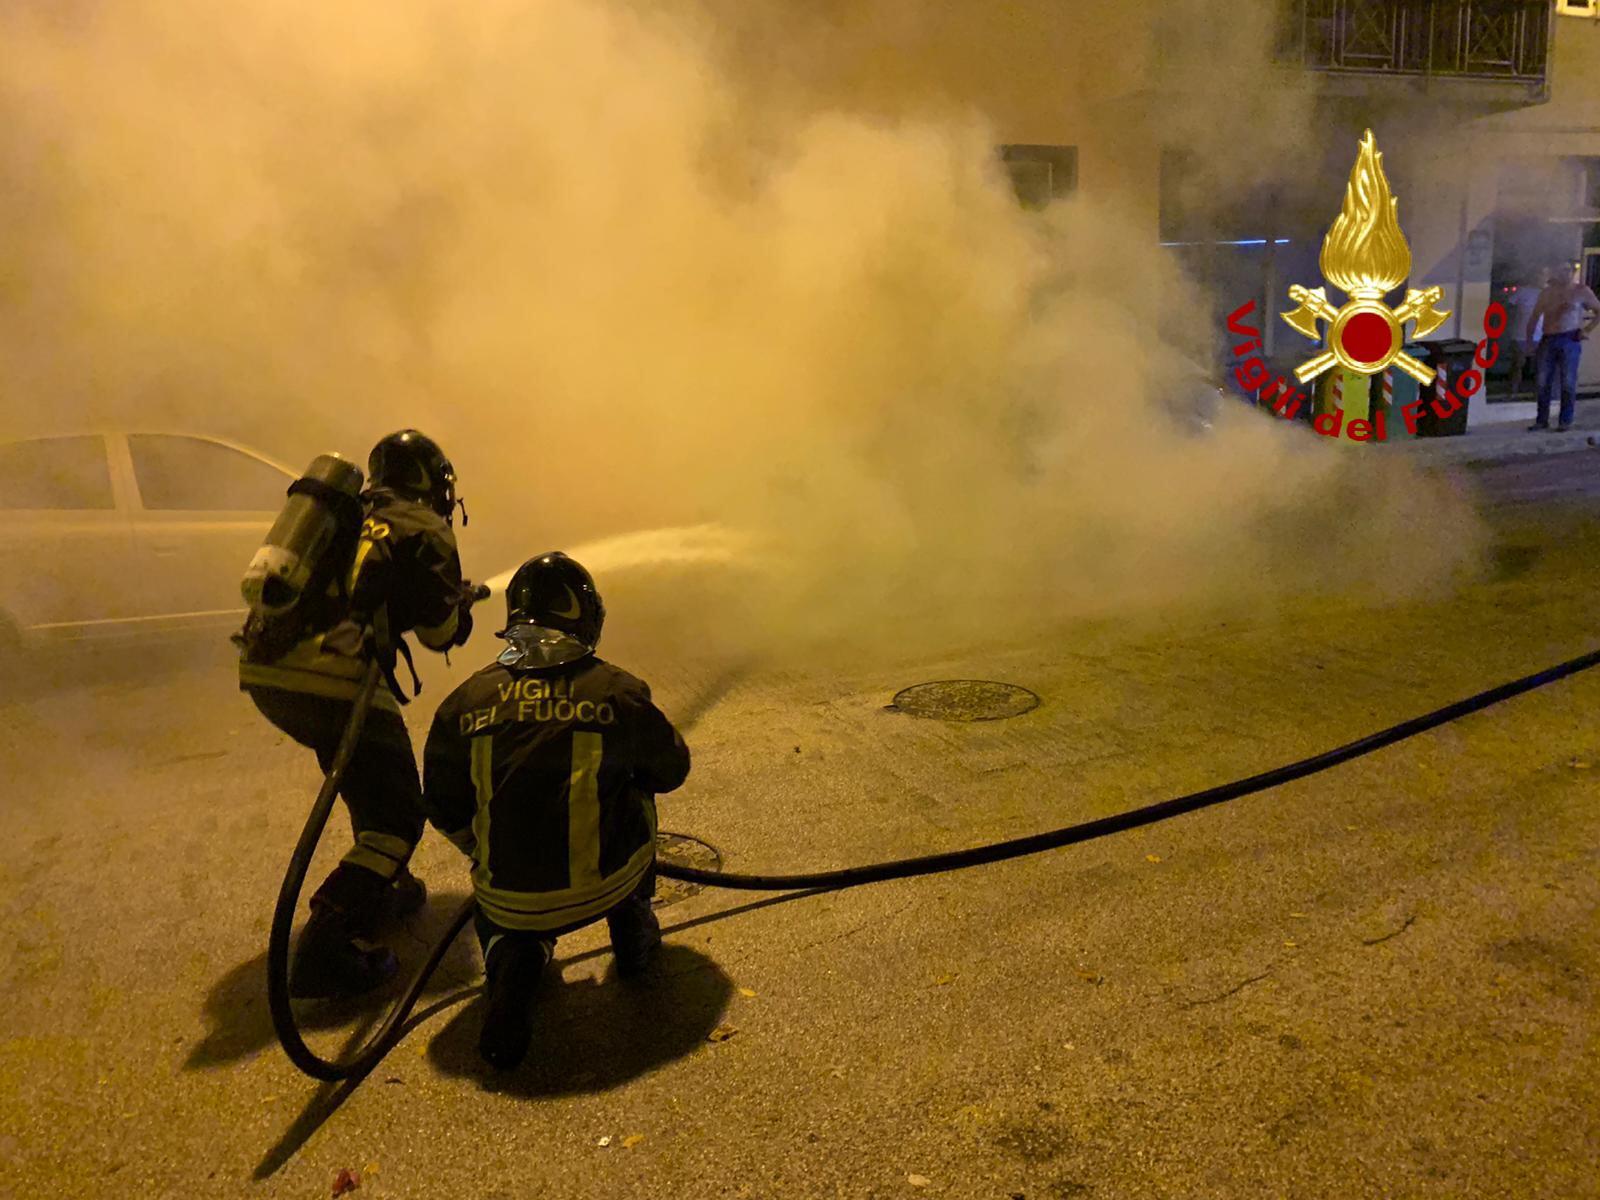 Priolo, bruciata l'auto dell'assessore comunale ai Lavori pubblici